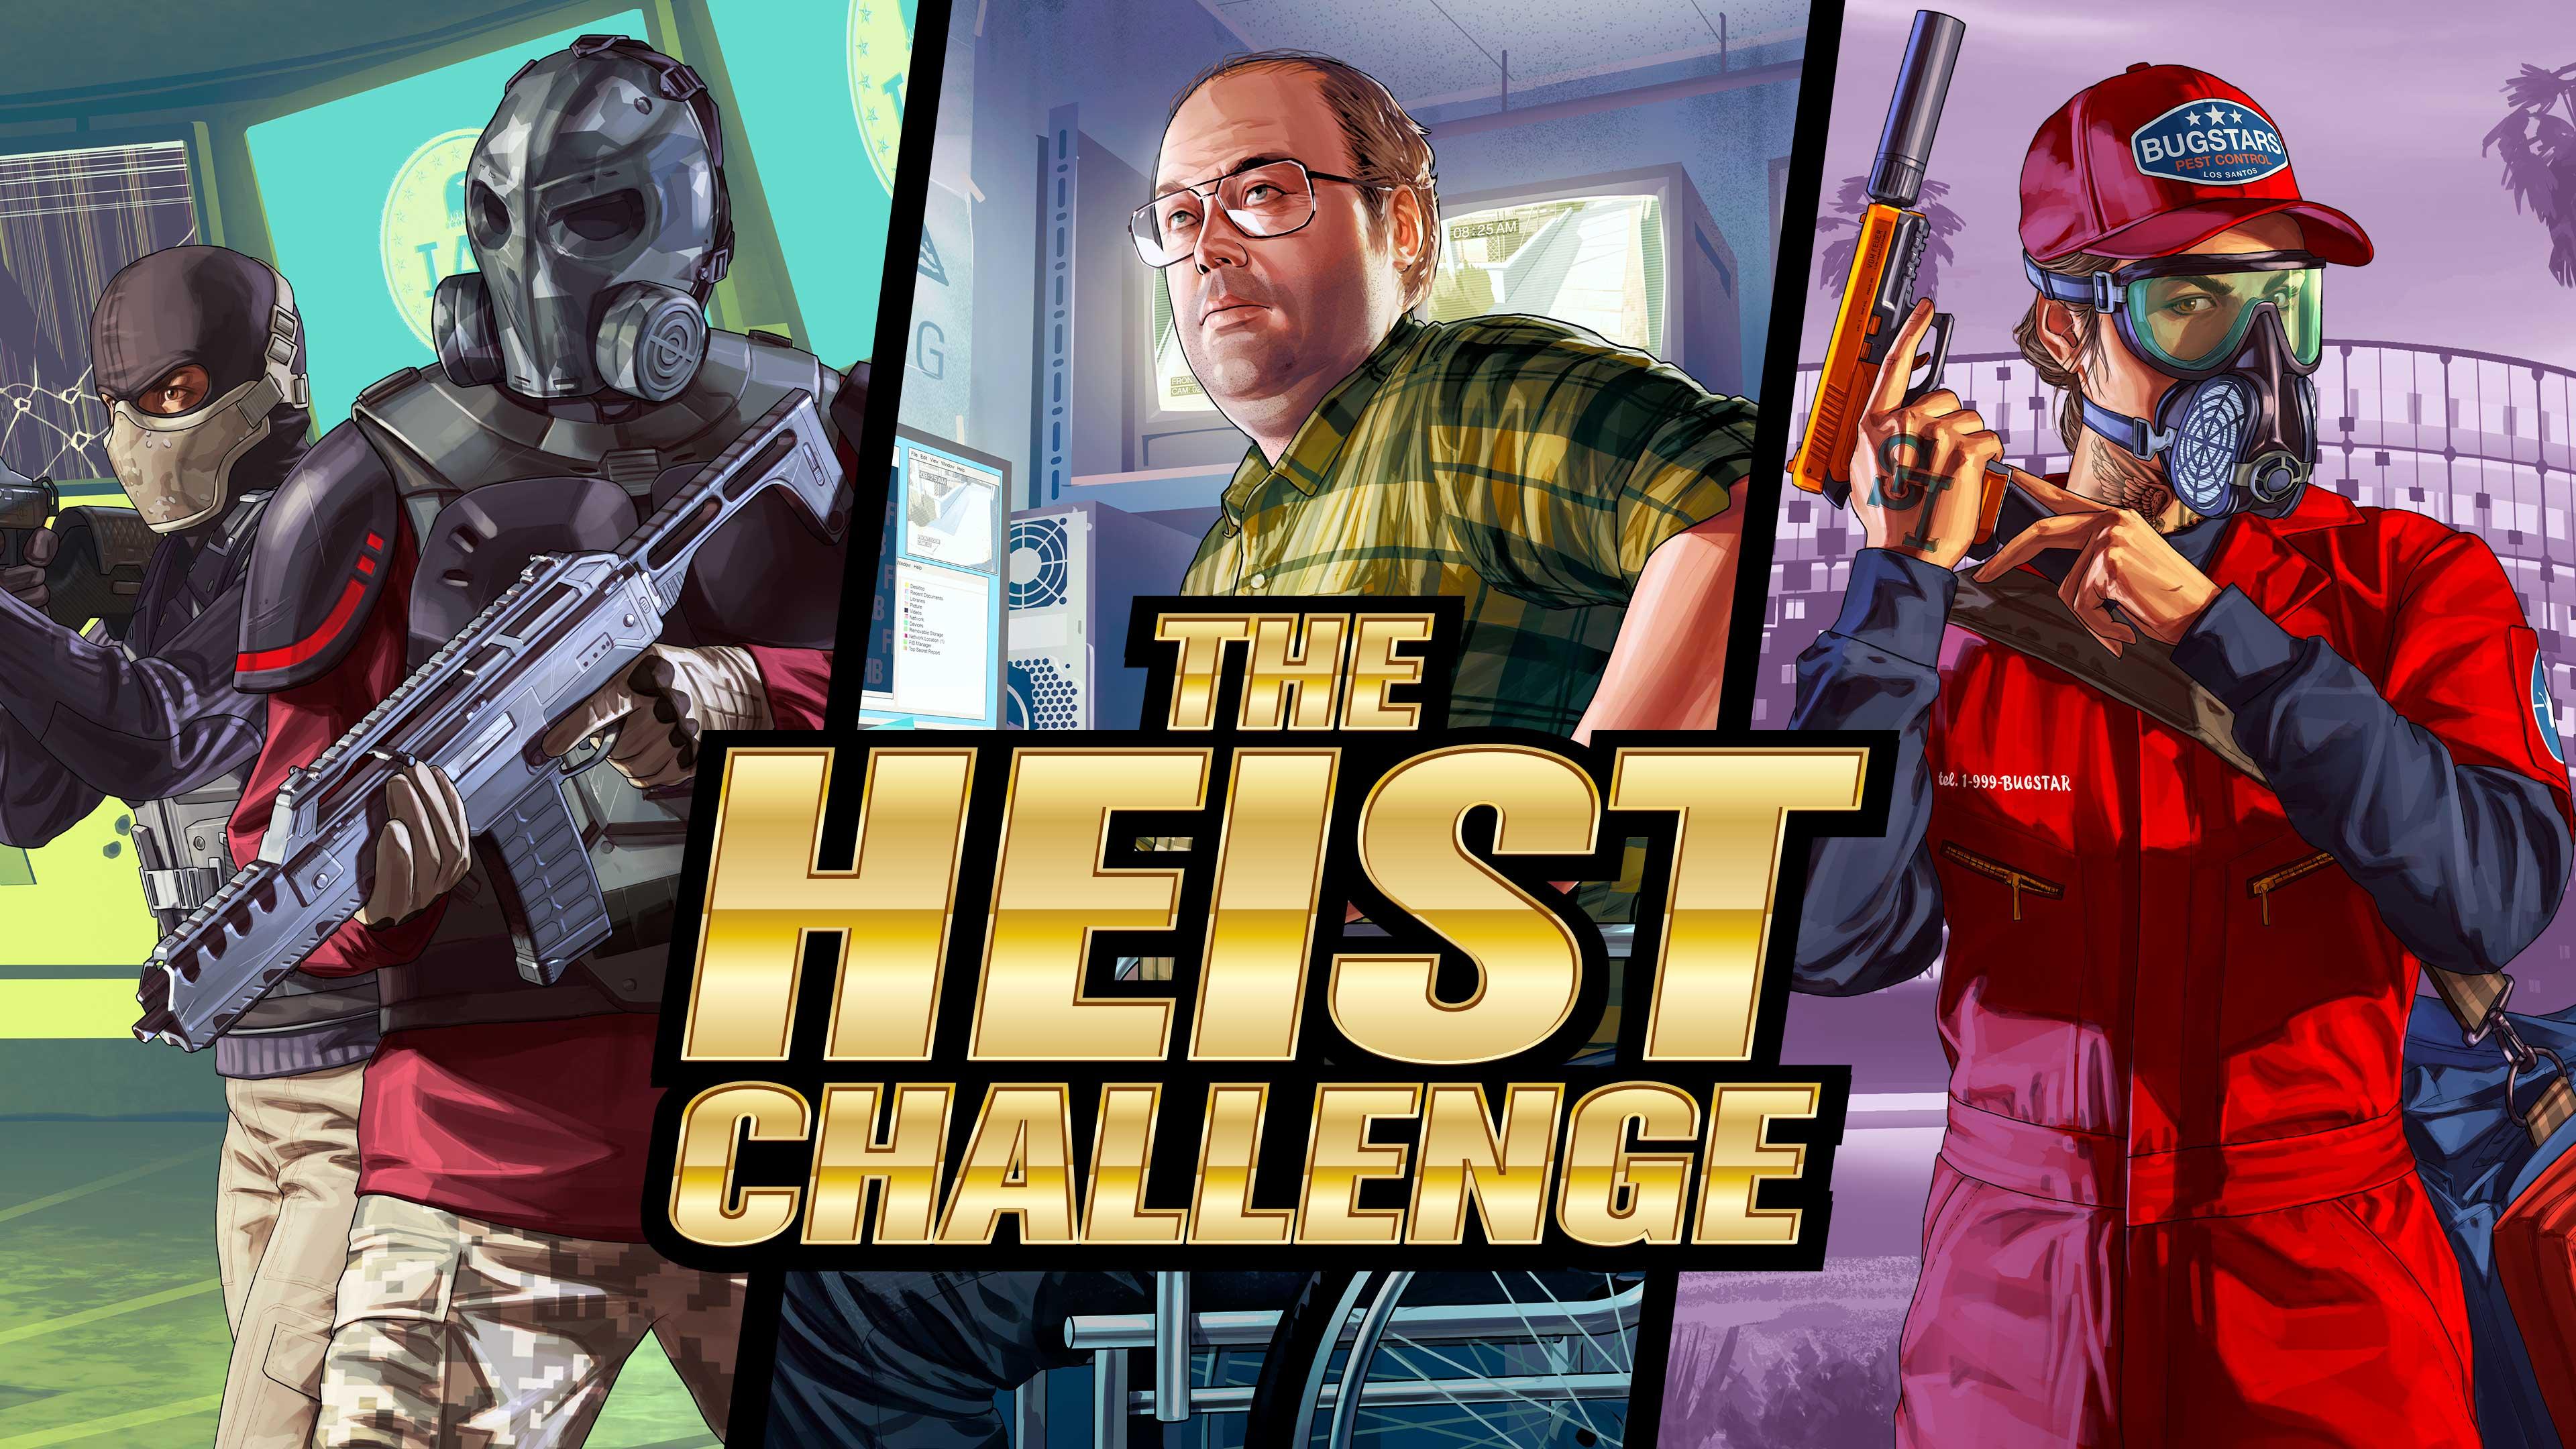 为下一版本做好准备 《GTAOL》推出特别抢劫任务挑战